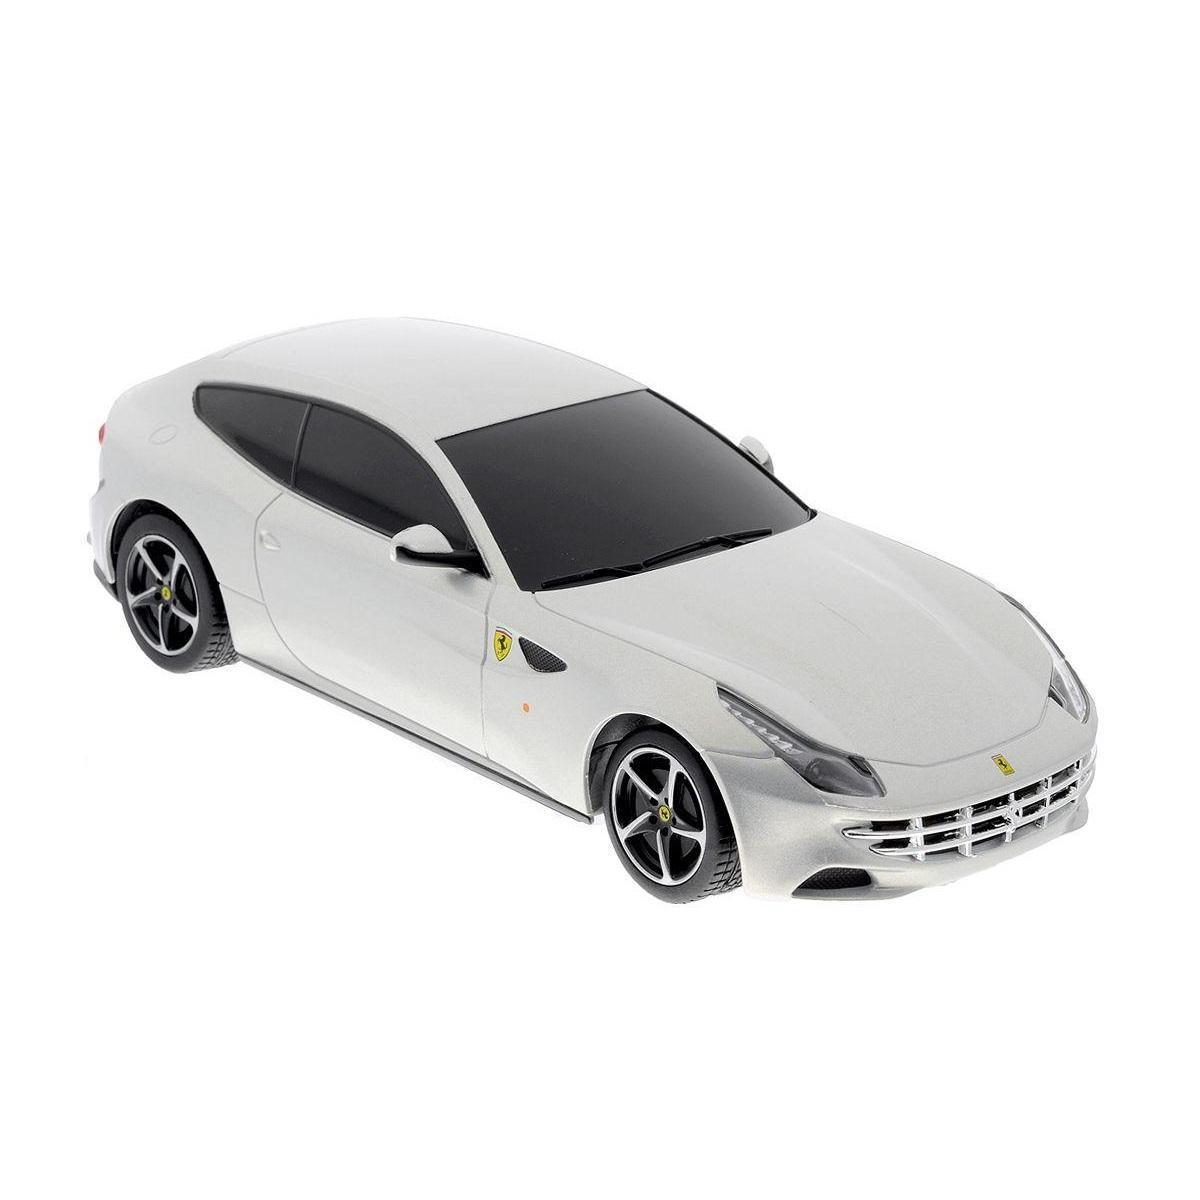 Maisto Радиоуправляемая модель Ferrari FF цвет серебристый масштаб 1:24 46700серебро